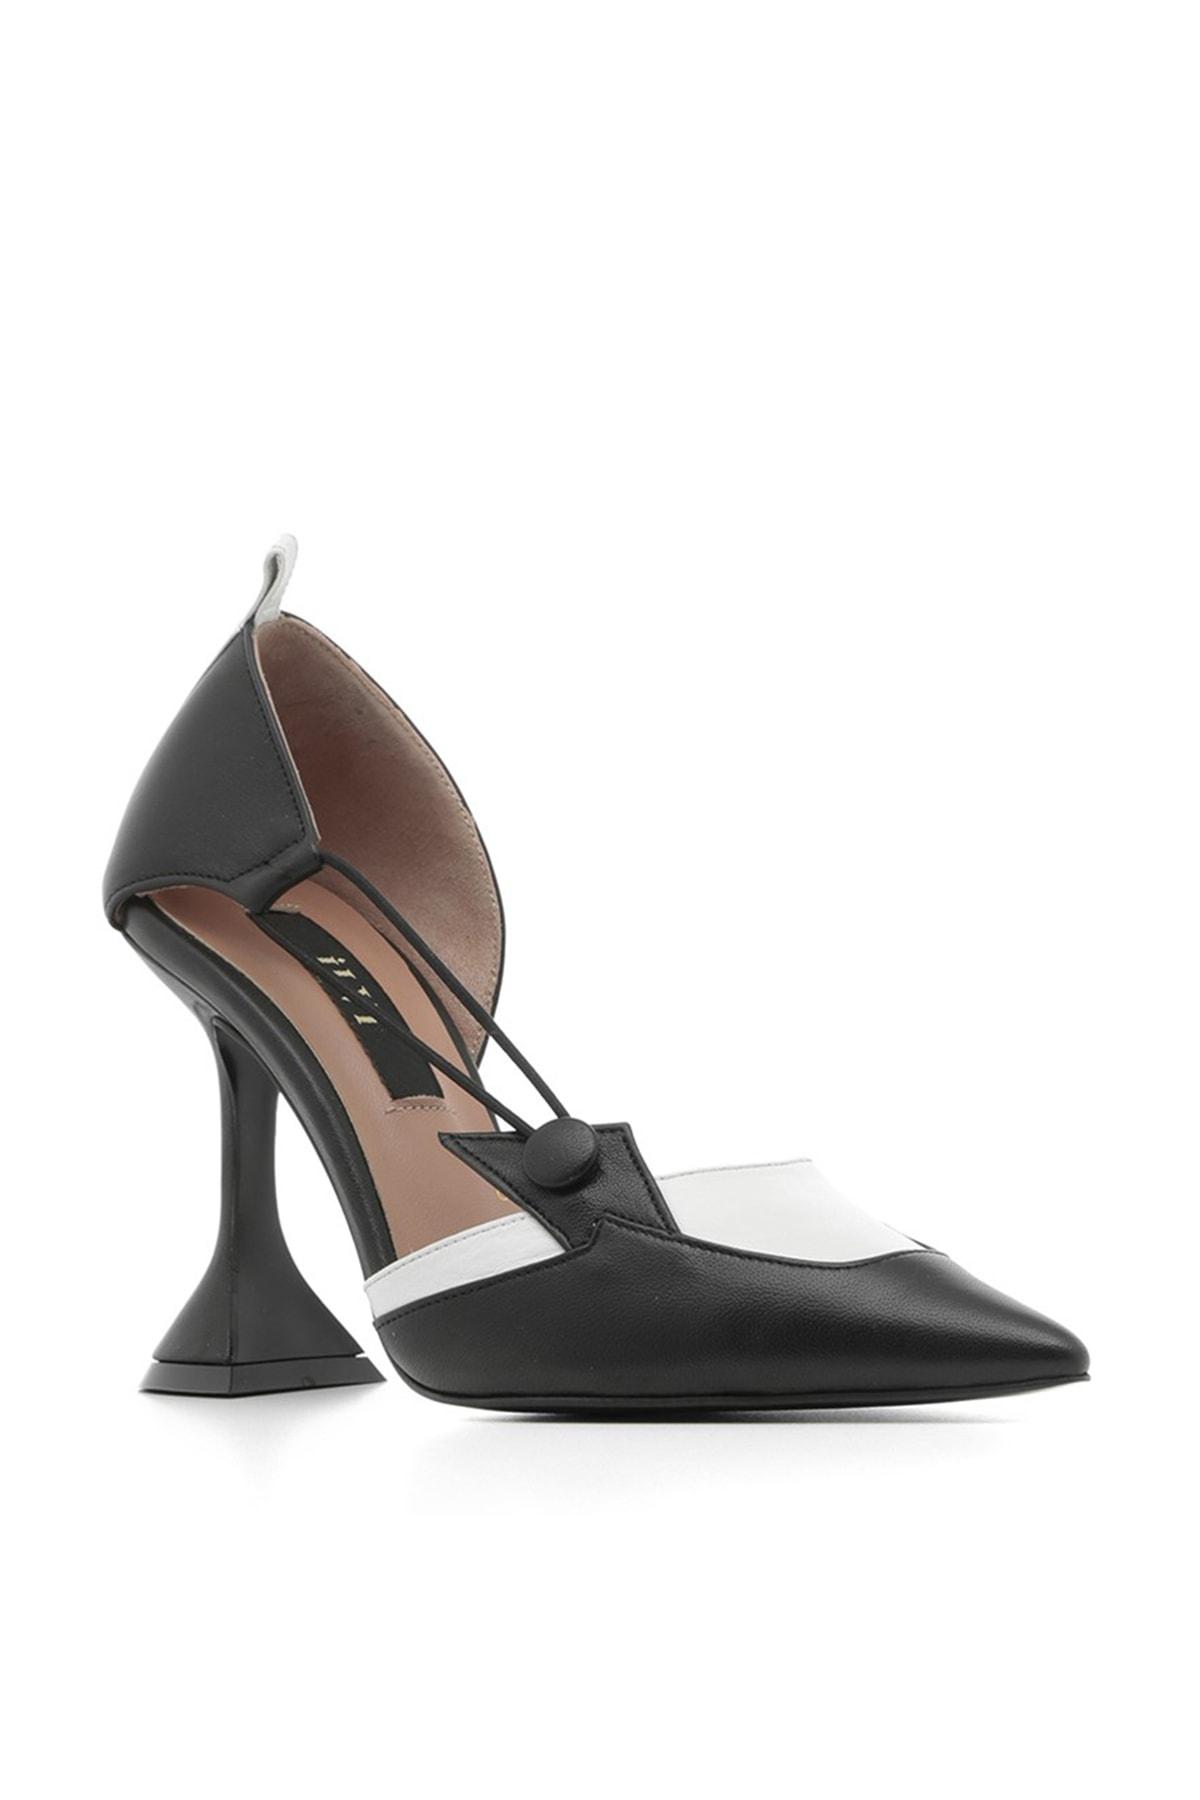 İlvi Gala Bayan Stiletto Siyah-Beyaz Deri Gala-3005.0069